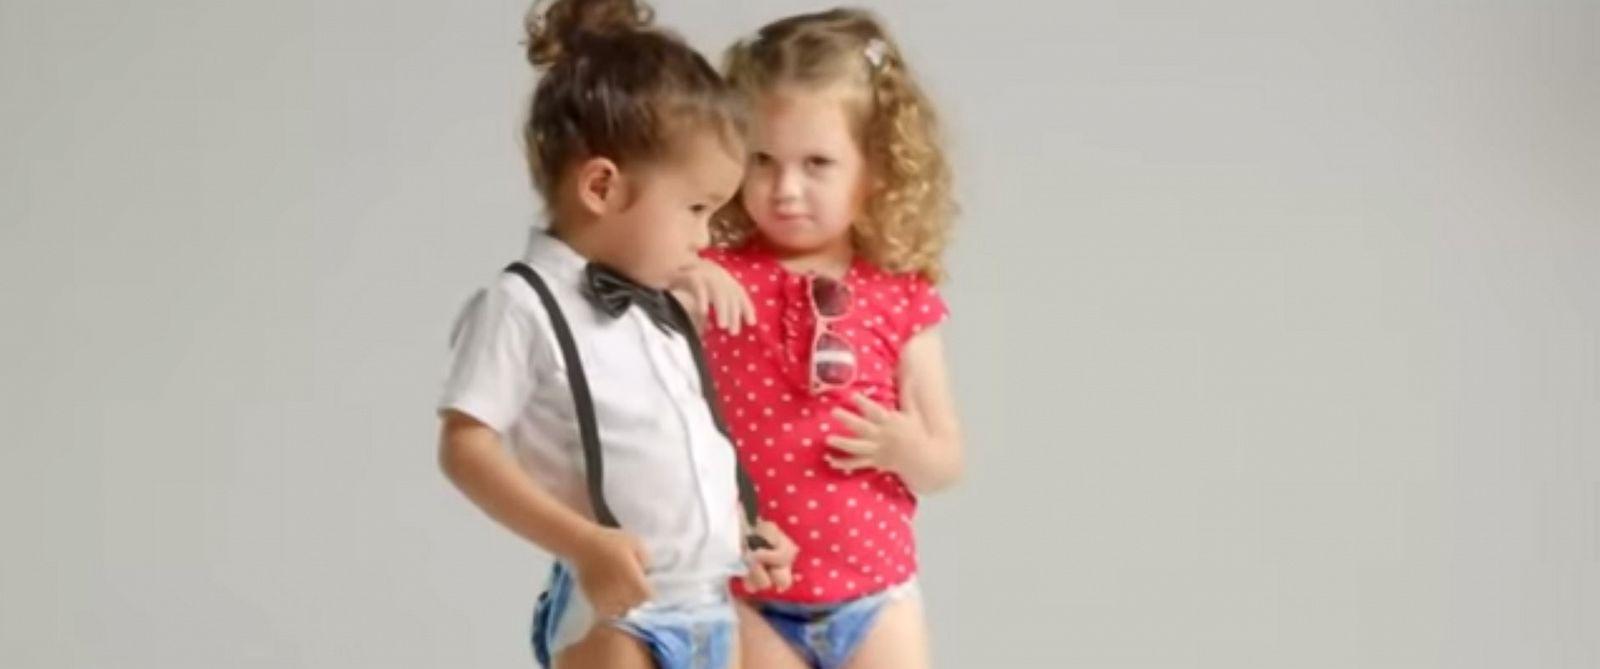 Смотреть онлайн бесплатно порно про дитей